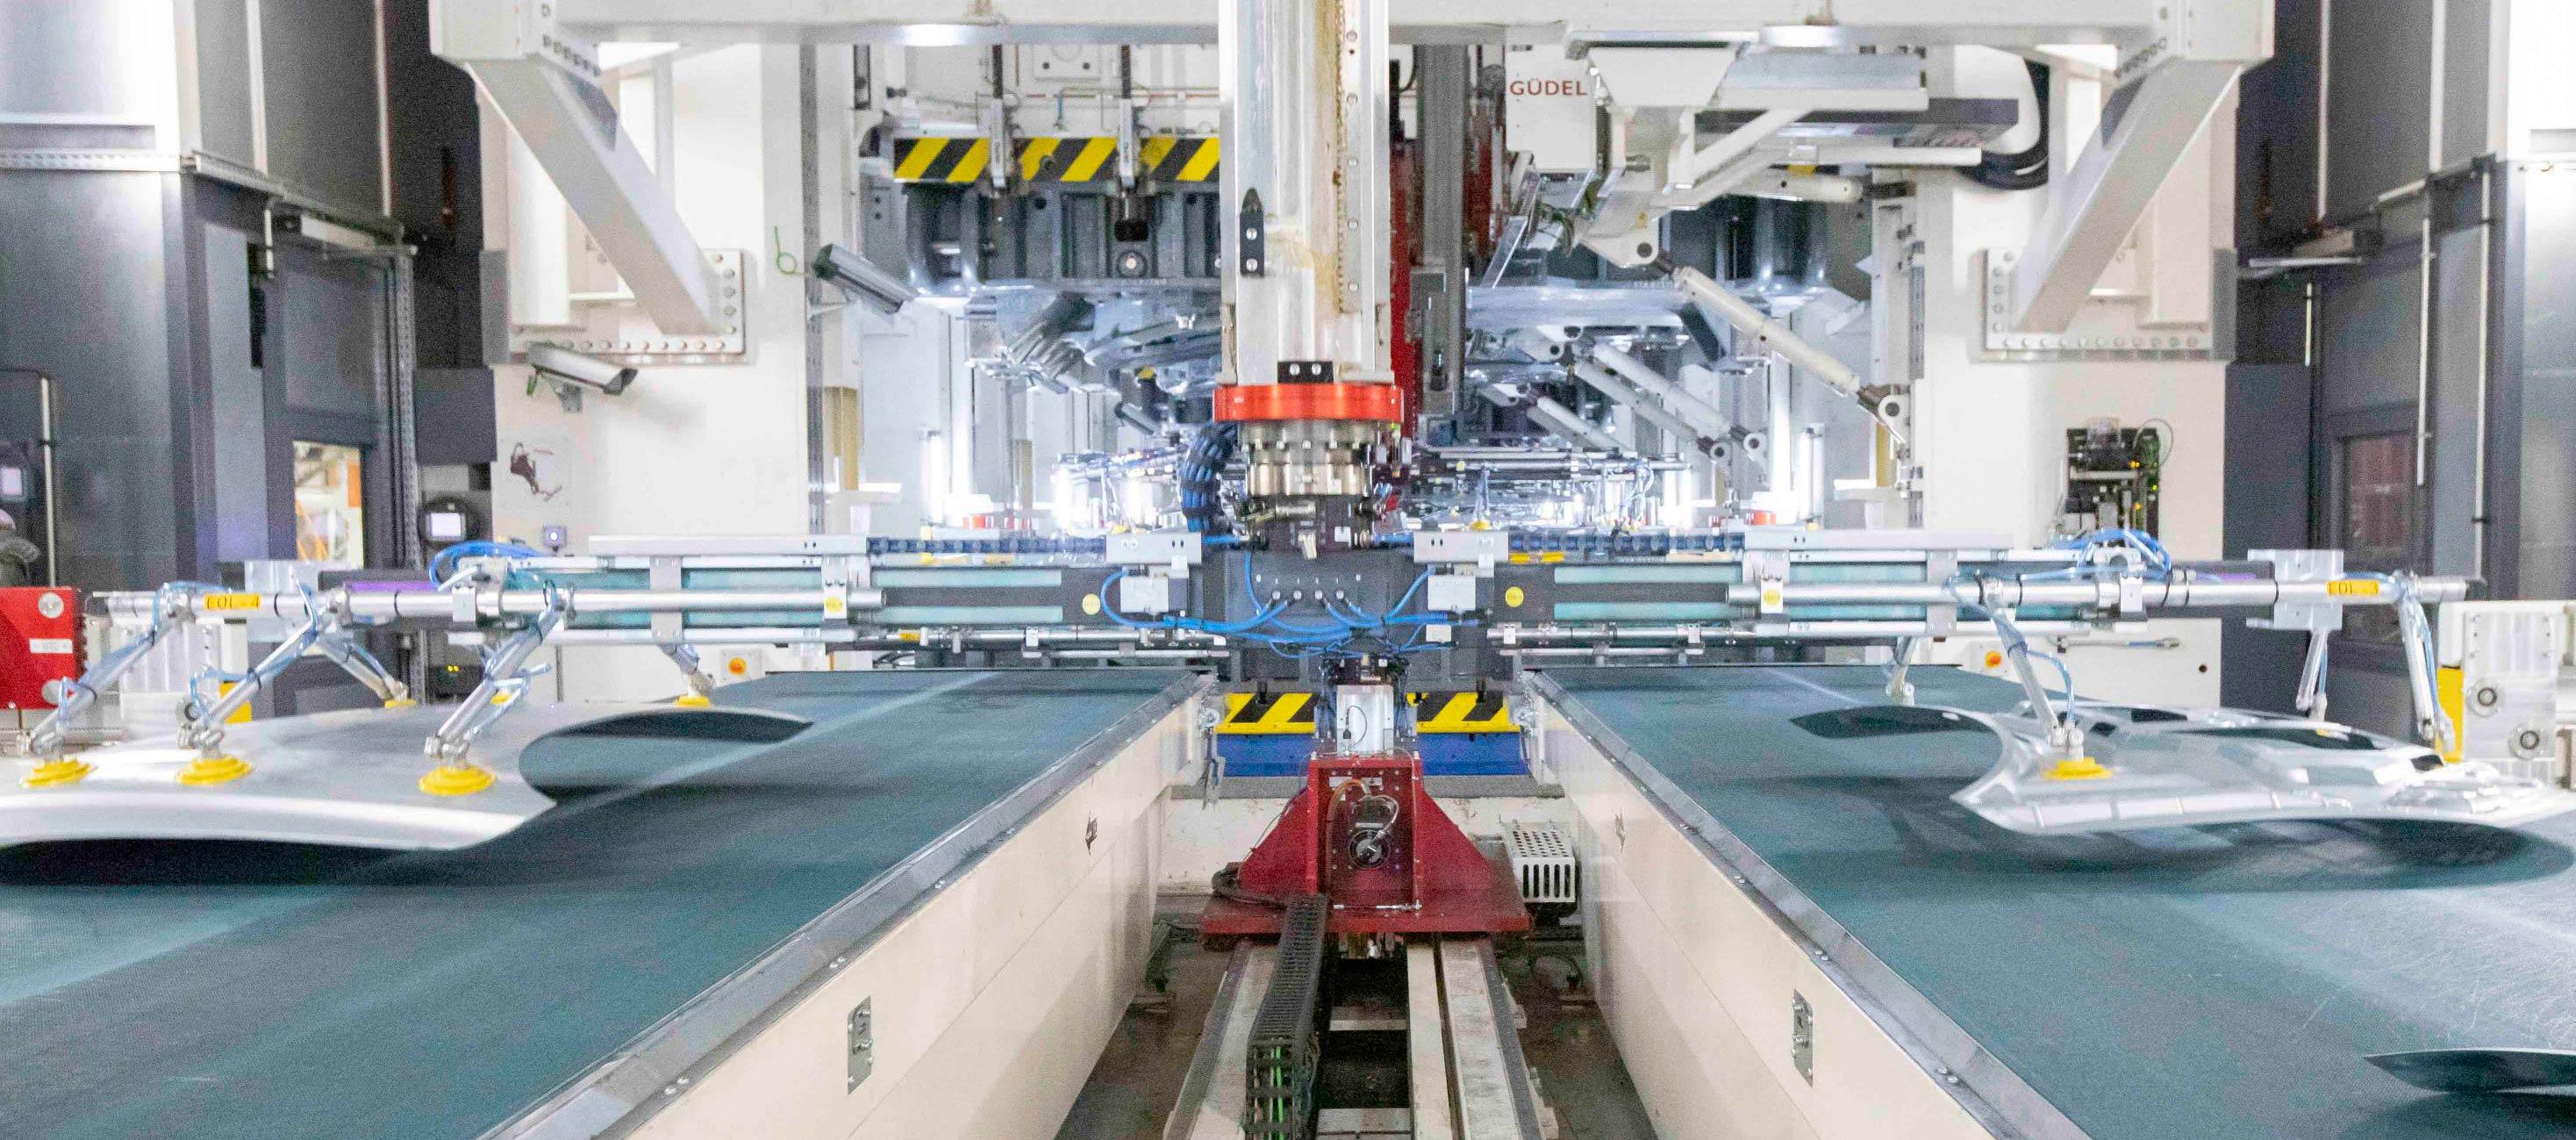 SEAT ha invertido 57 millones de euros en su fábrica de Barcelona